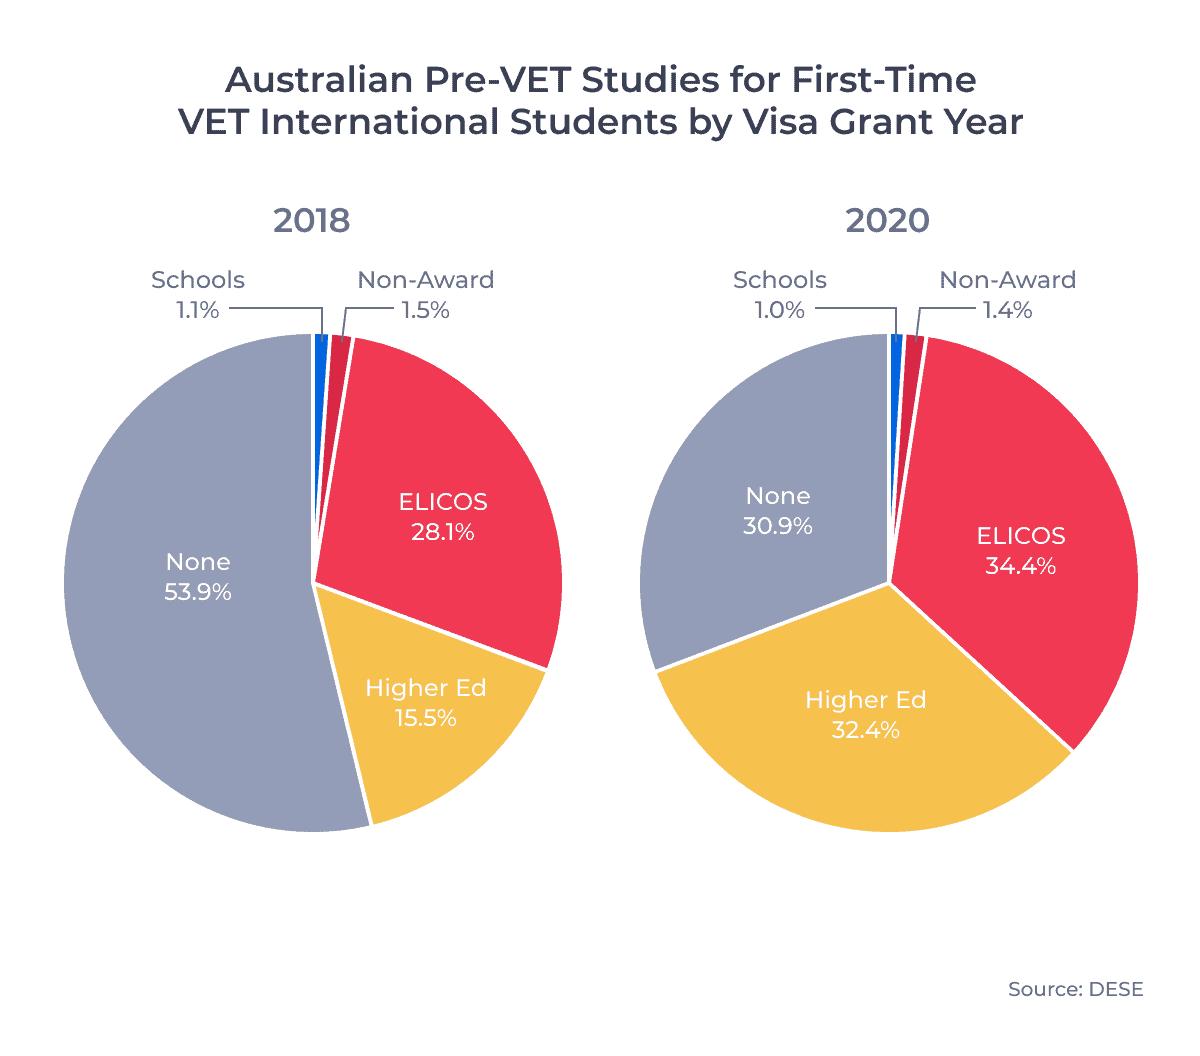 Australian Pre-VET Studies for First-Time VET International Students by Visa Grant Year